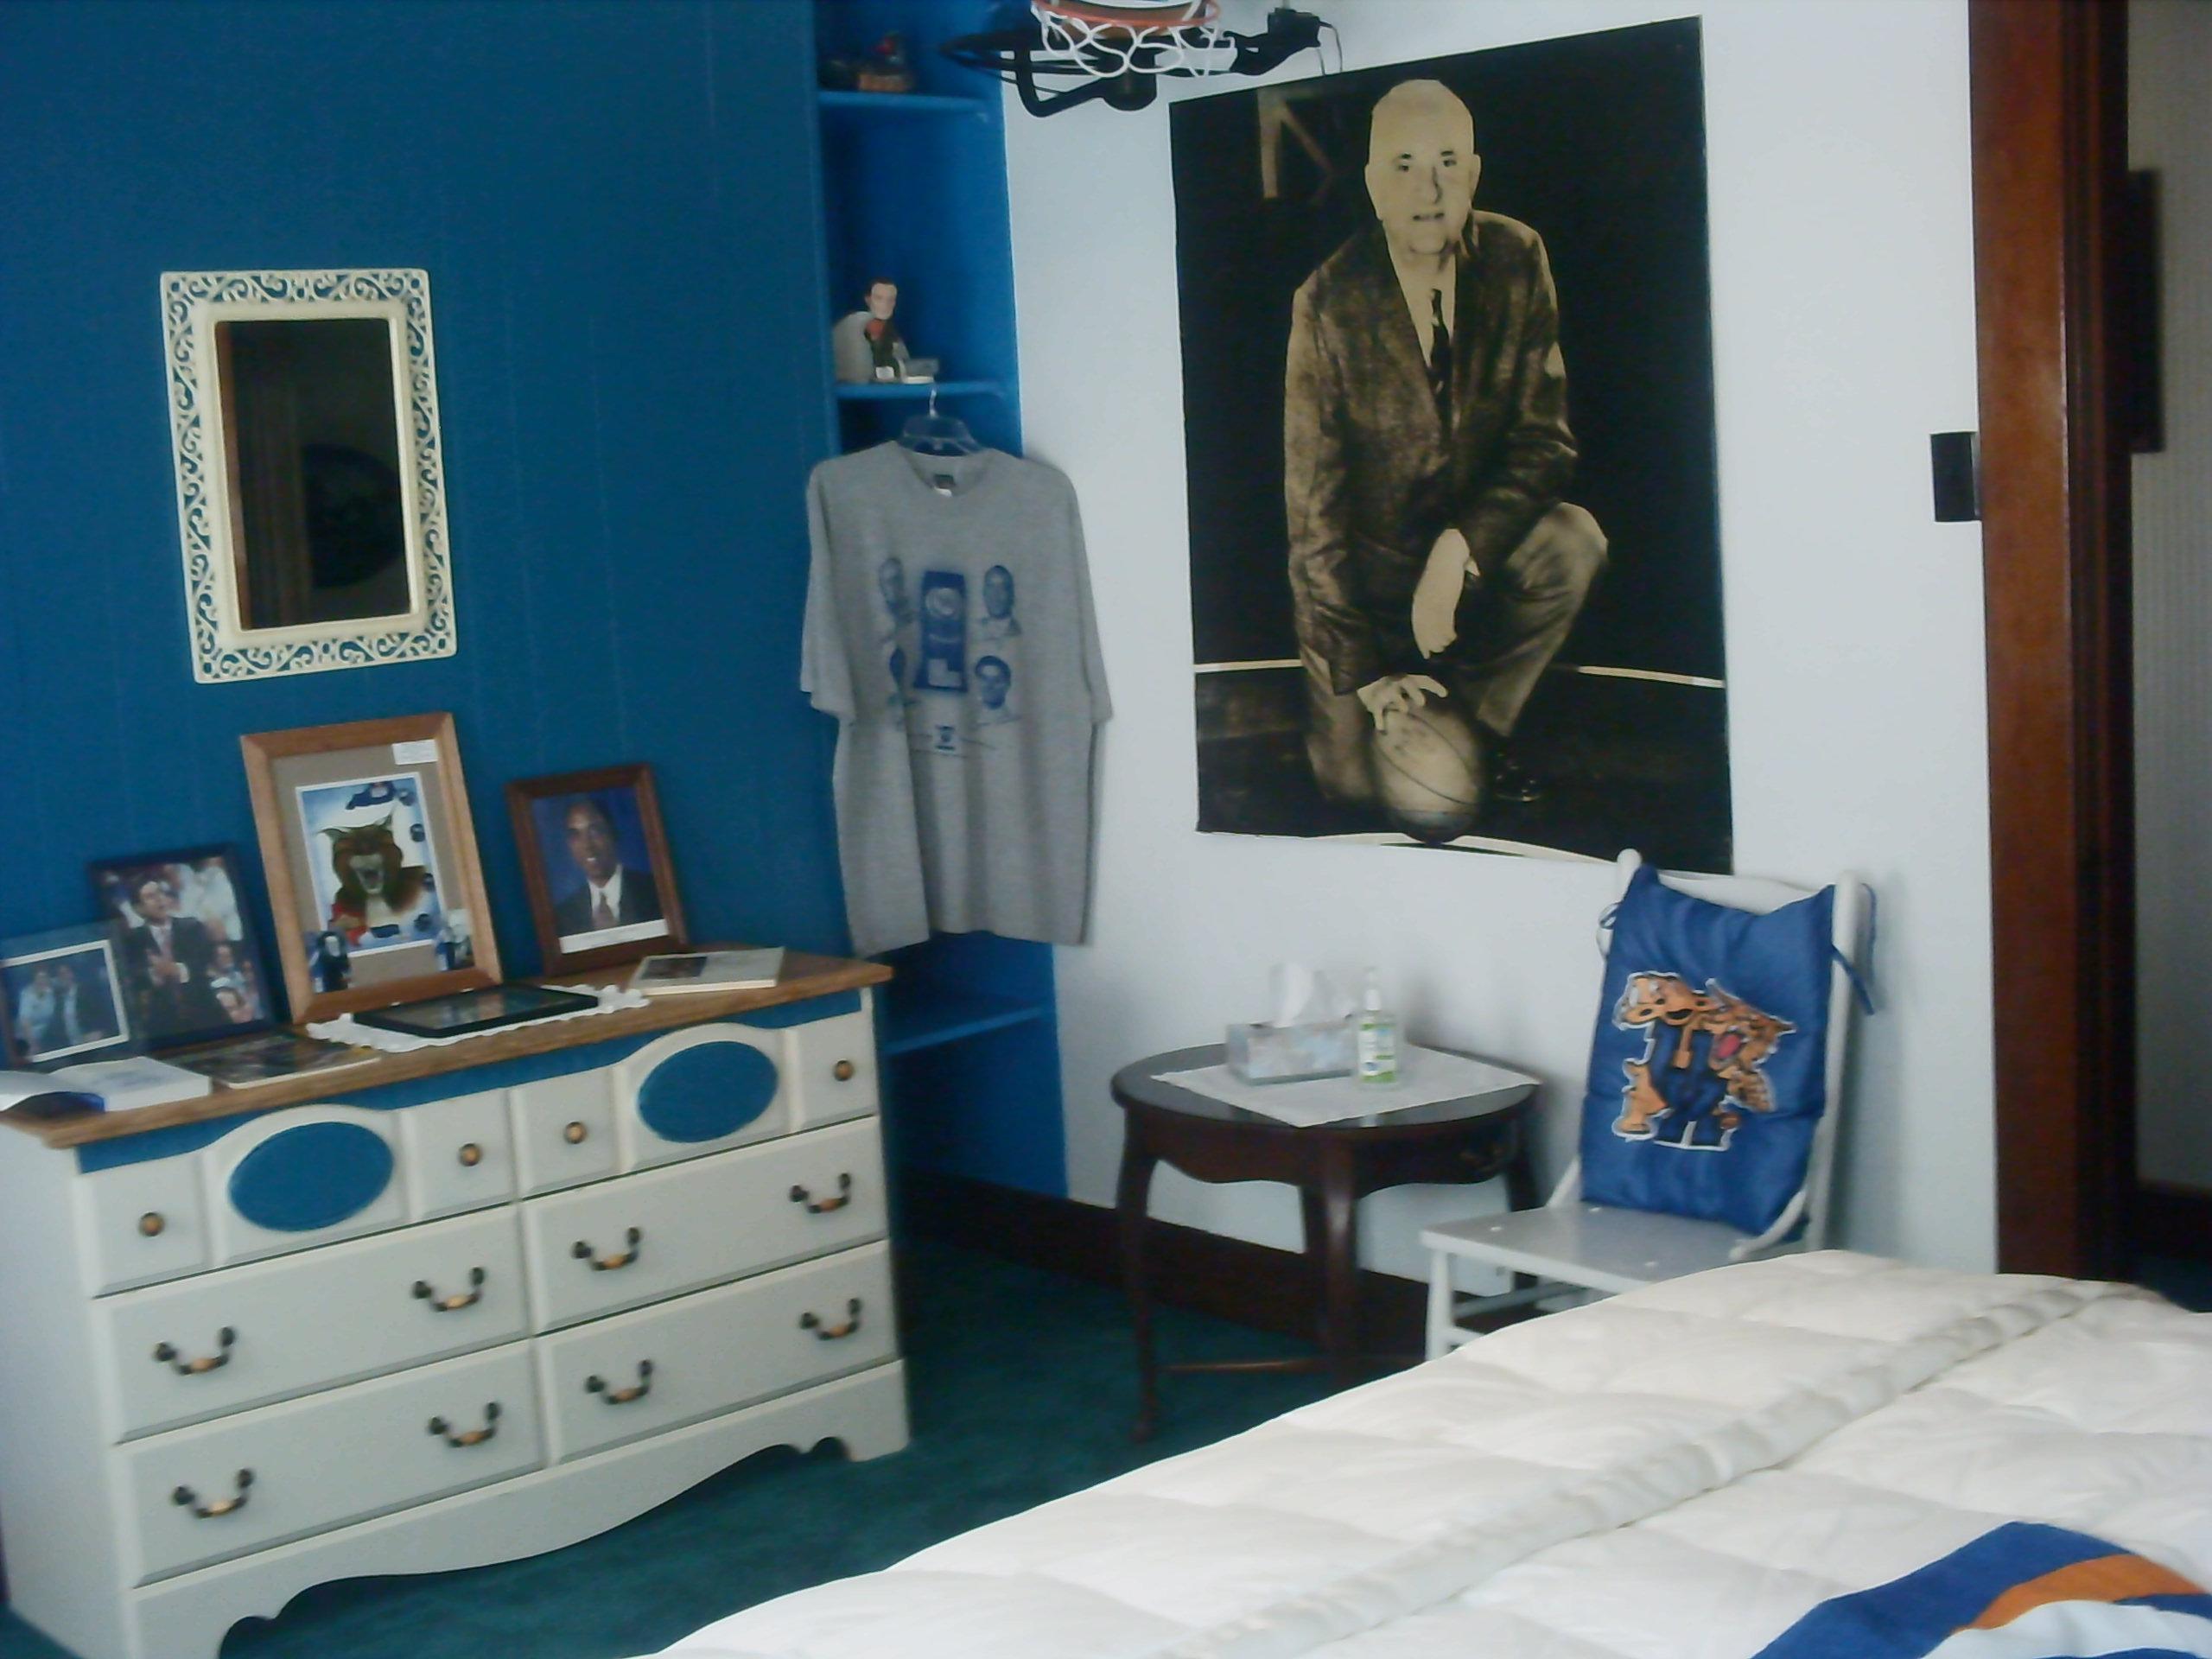 The UK Wildcats Room